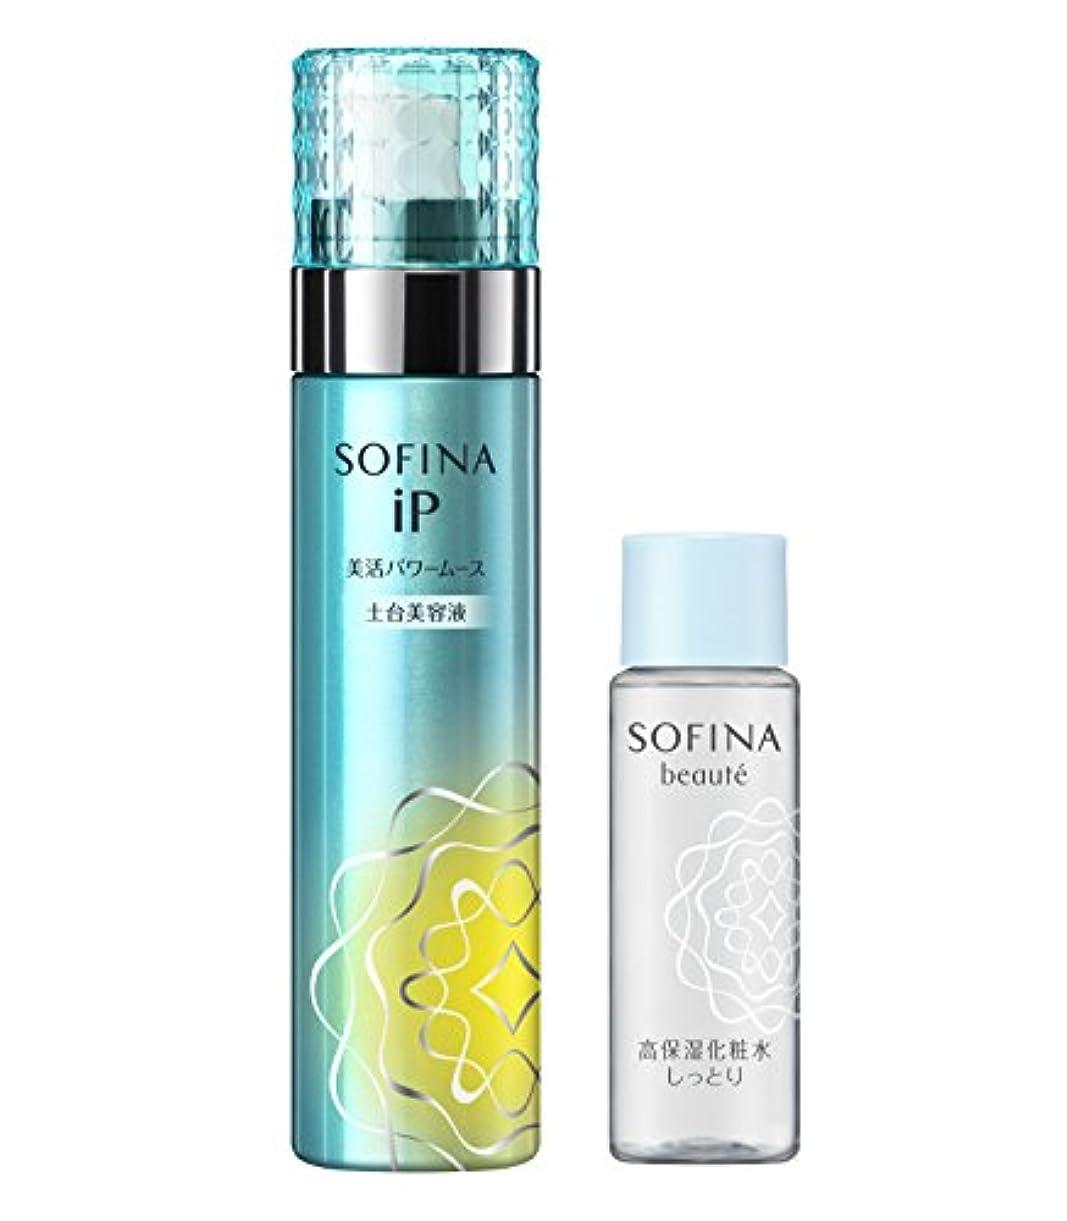 予知置き場入手しますソフィーナ iP 美活パワームース 90g(美容液)+ソフィーナボーテ 高保湿化粧水ミニ 30mL(しっとり)